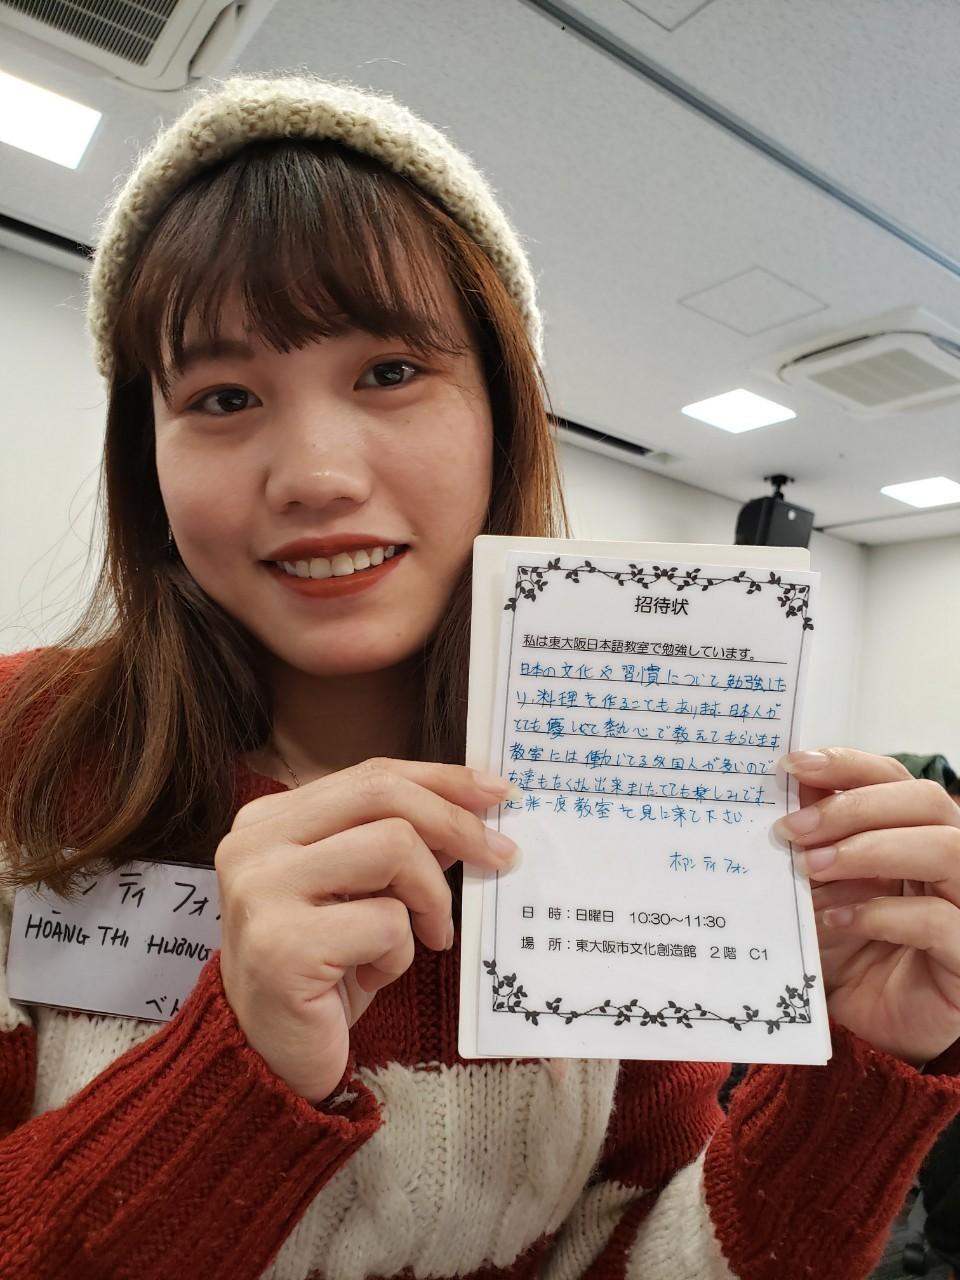 日曜朝教室(2020.2.23)招待状を書こう✐_e0175020_18253594.jpg